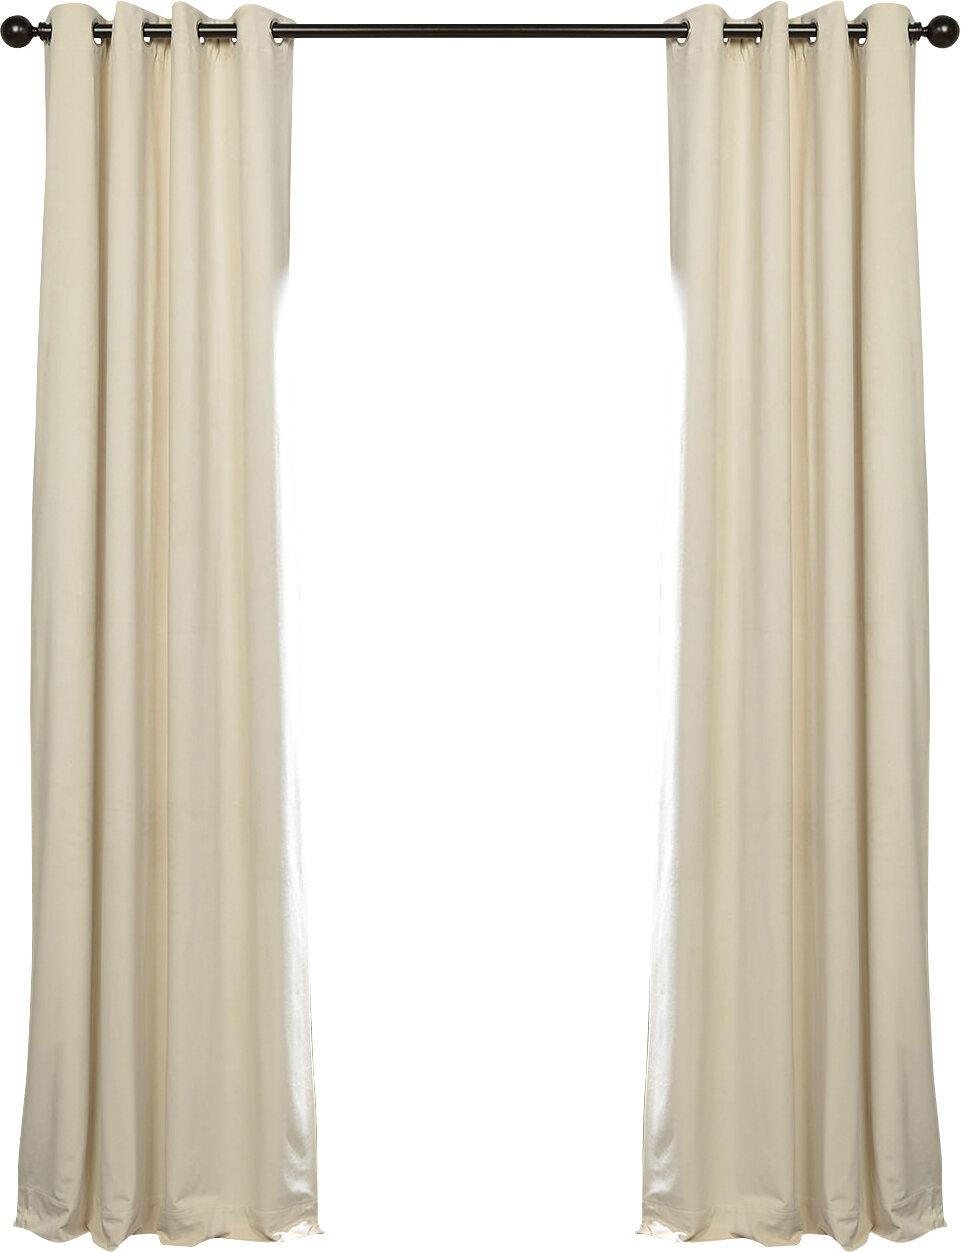 Sharpe Solid Velvet Blackout Grommet Single Curtain Panel With Regard To Heritage Plush Velvet Single Curtain Panels (View 18 of 20)